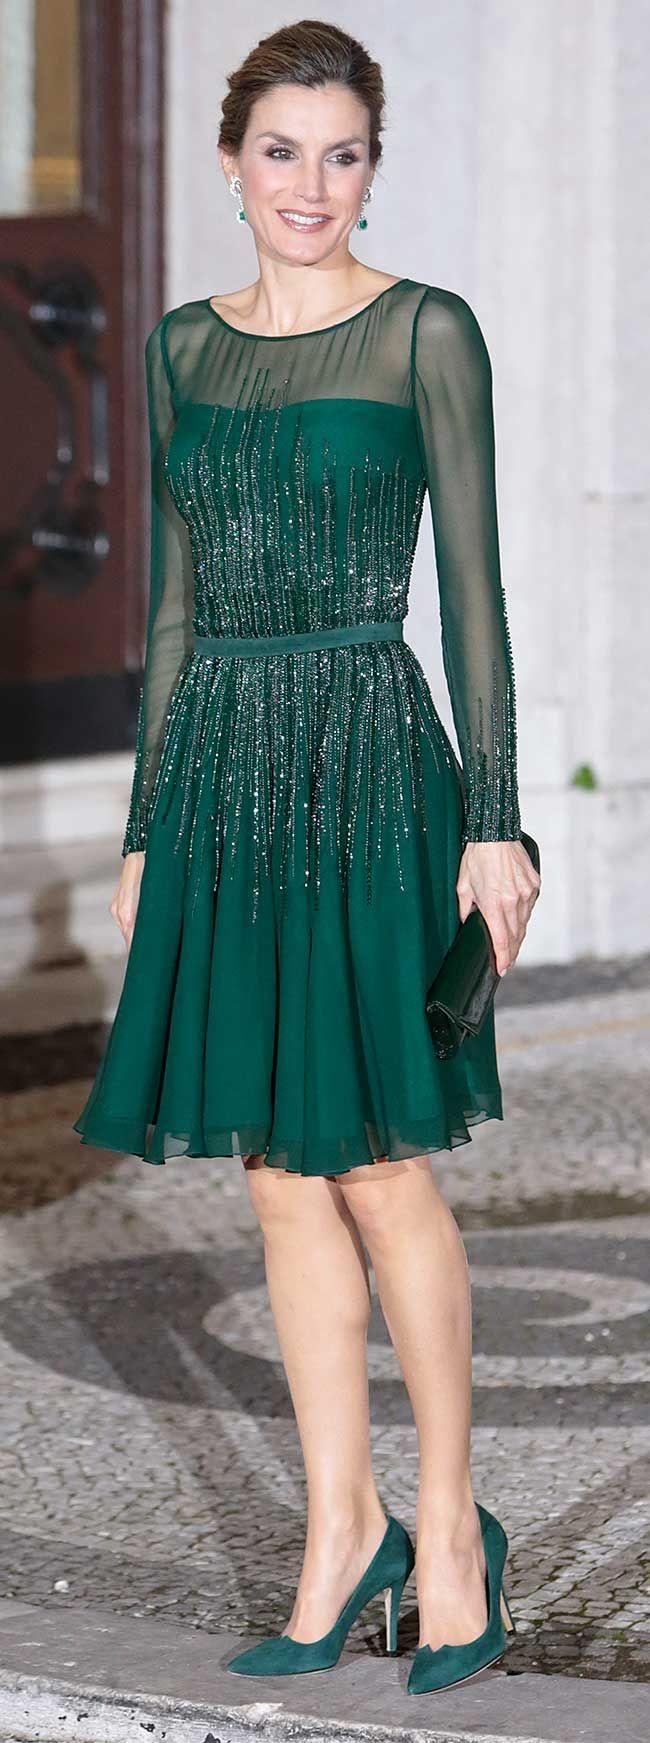 La Reina Letizia ha rescatado el vestido de Varela que llevó en los Premios Príncipe de Asturias de 2013 en su primera cena en Lisboa.